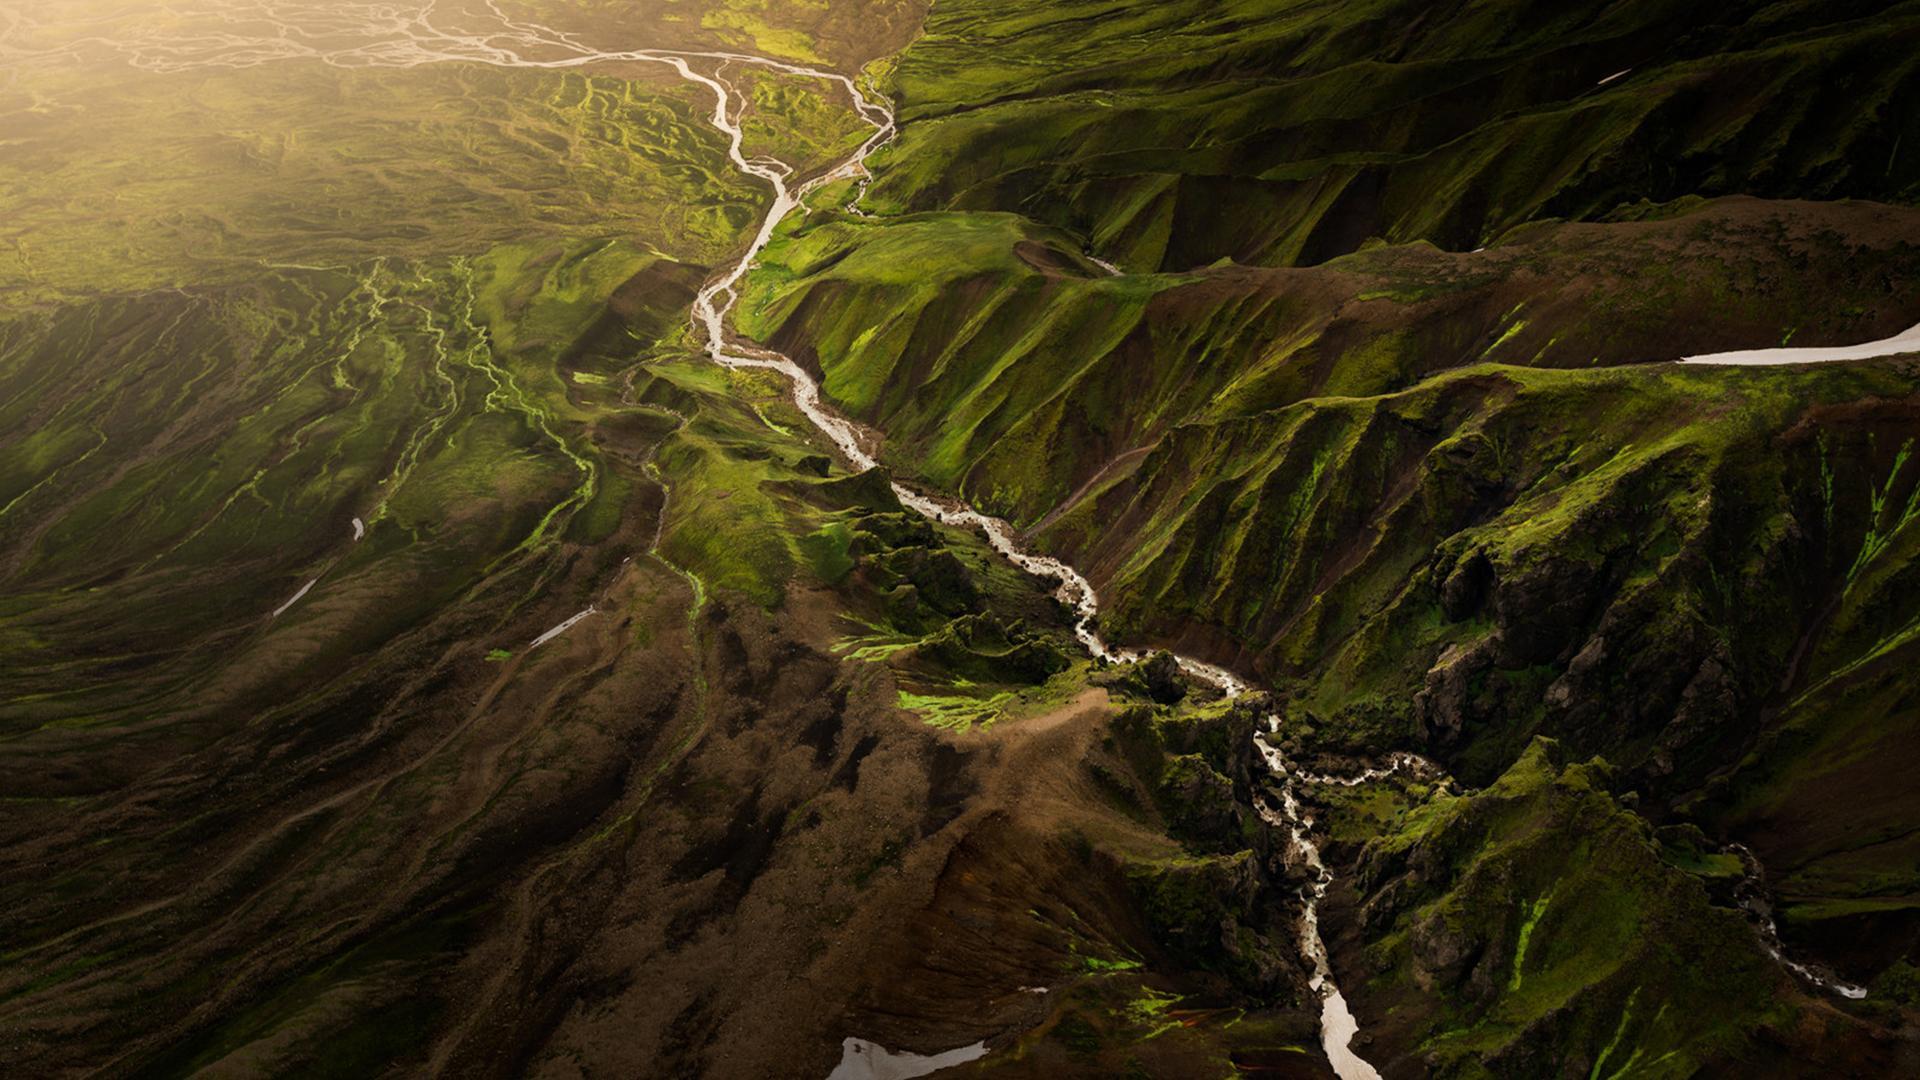 唯美山水风光美景高清桌面壁纸图片